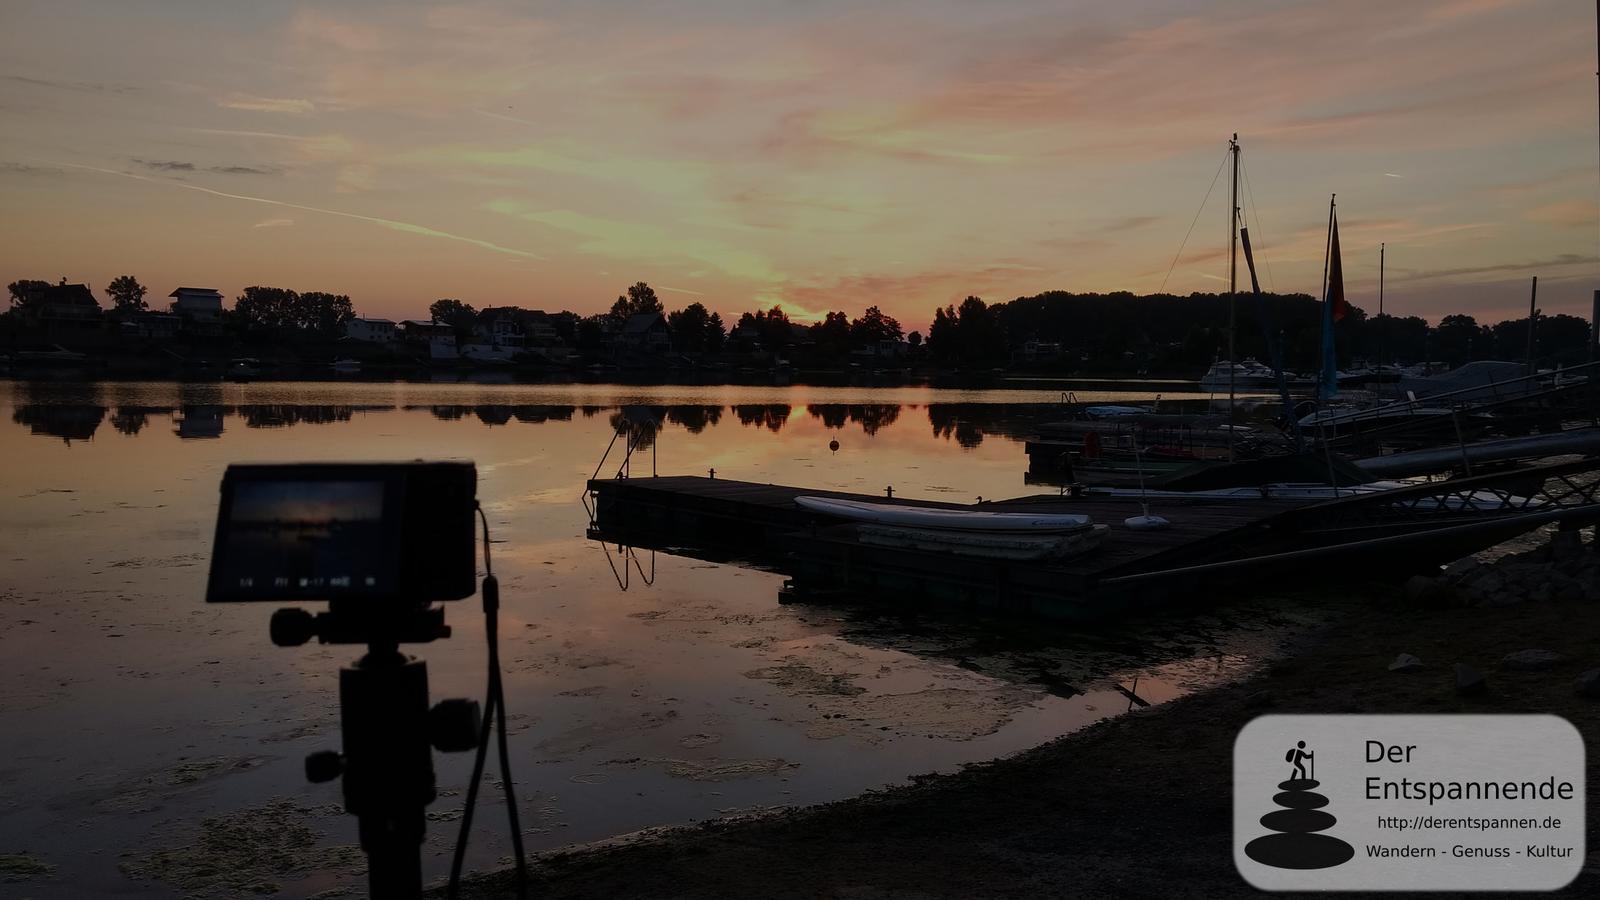 Sonnenaufgang über dem Eicher See...